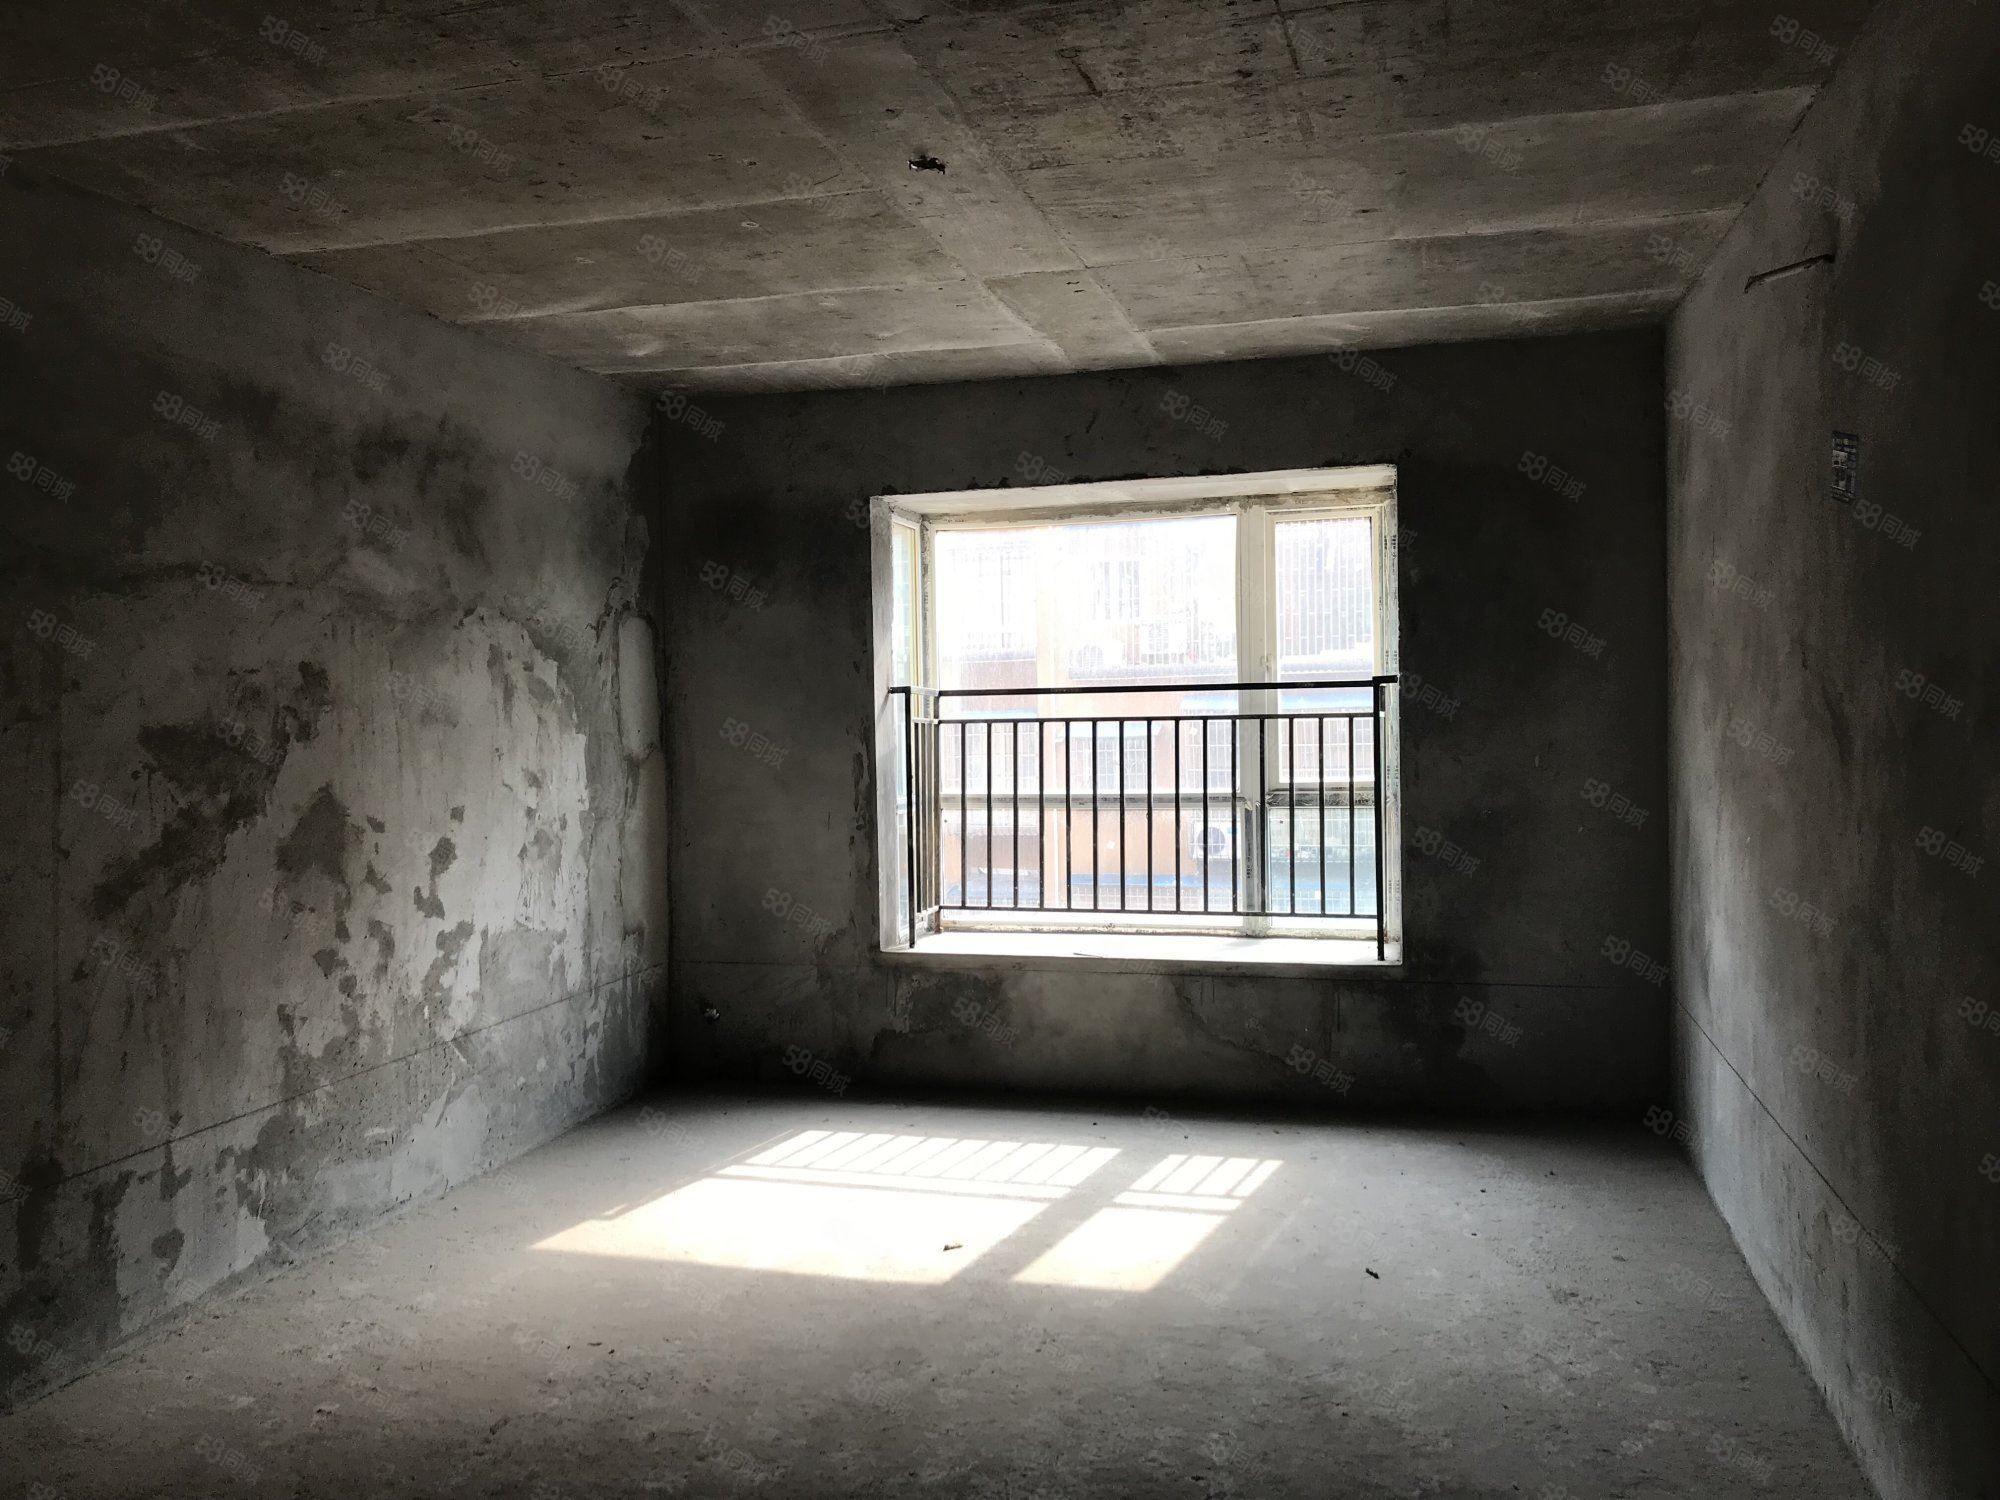 康桥丽景B区步梯3楼清水房首付10多万